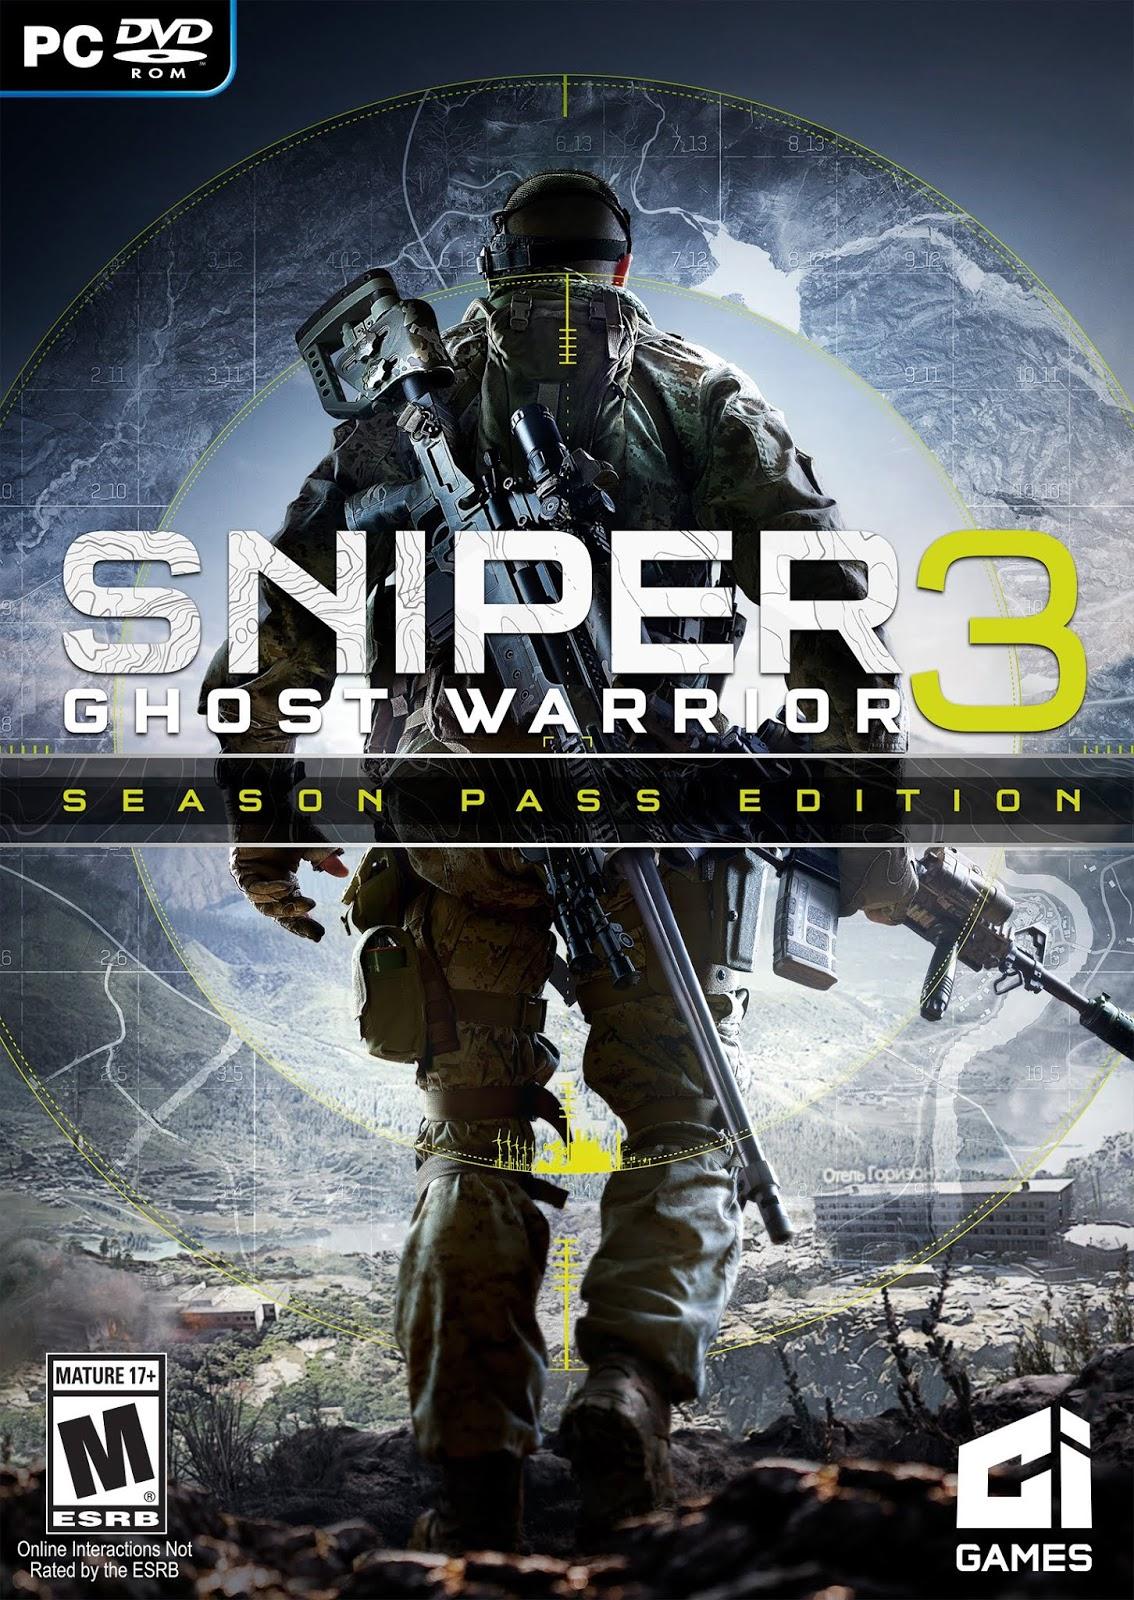 تحميل لعبة sniper ghost warrior 3